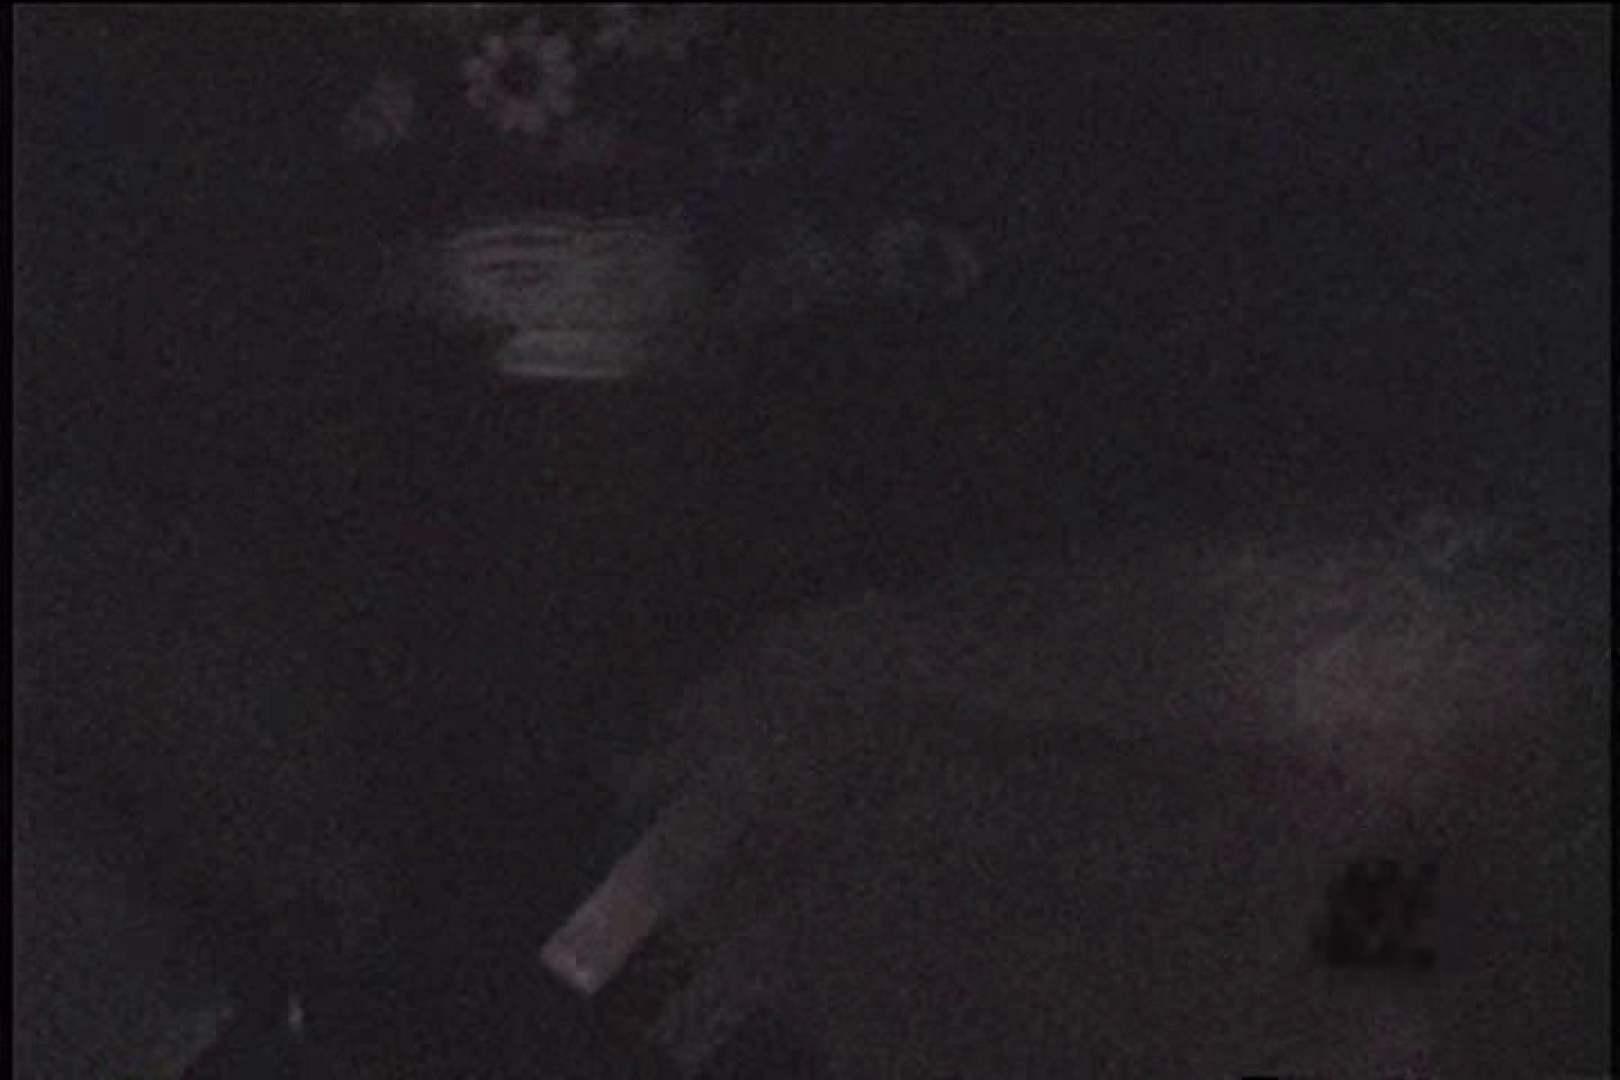 暗躍する夜這い師達Vol.1 エロティックなOL  95画像 9